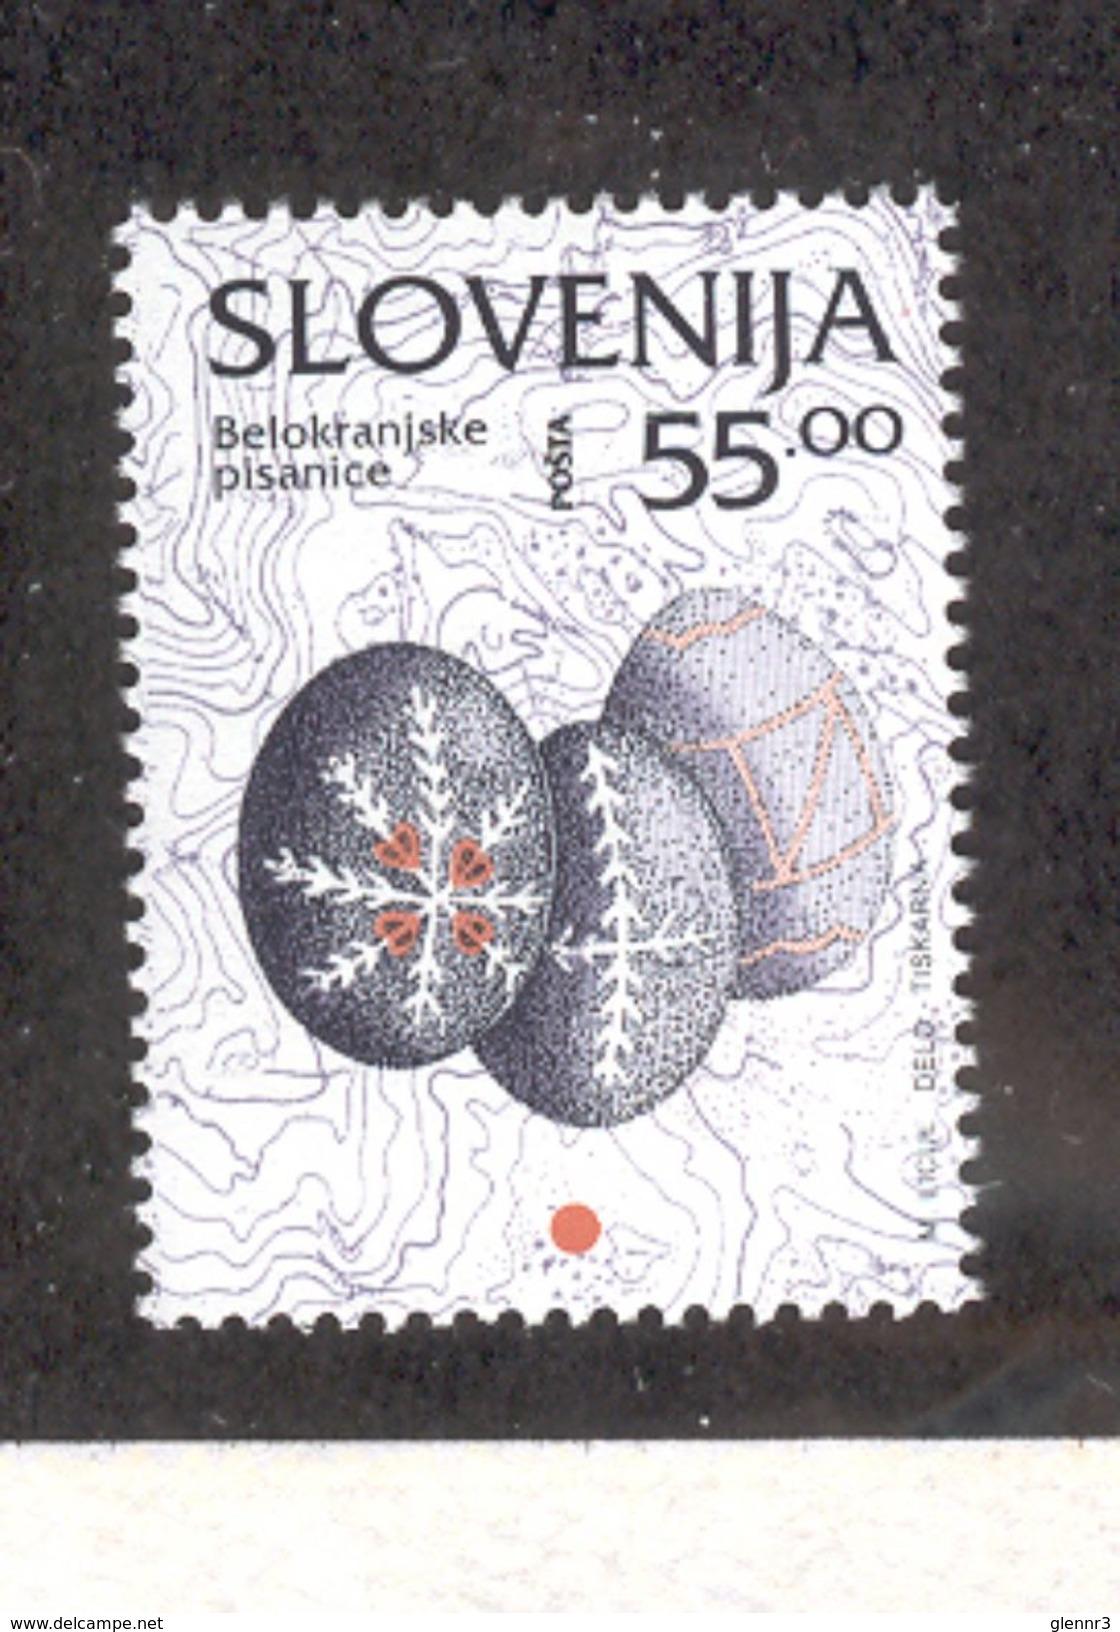 SLOVENIA 1996 Easter Eggs 55t Definitive, Scott Catalogue No. 211 MNH - Slovenia